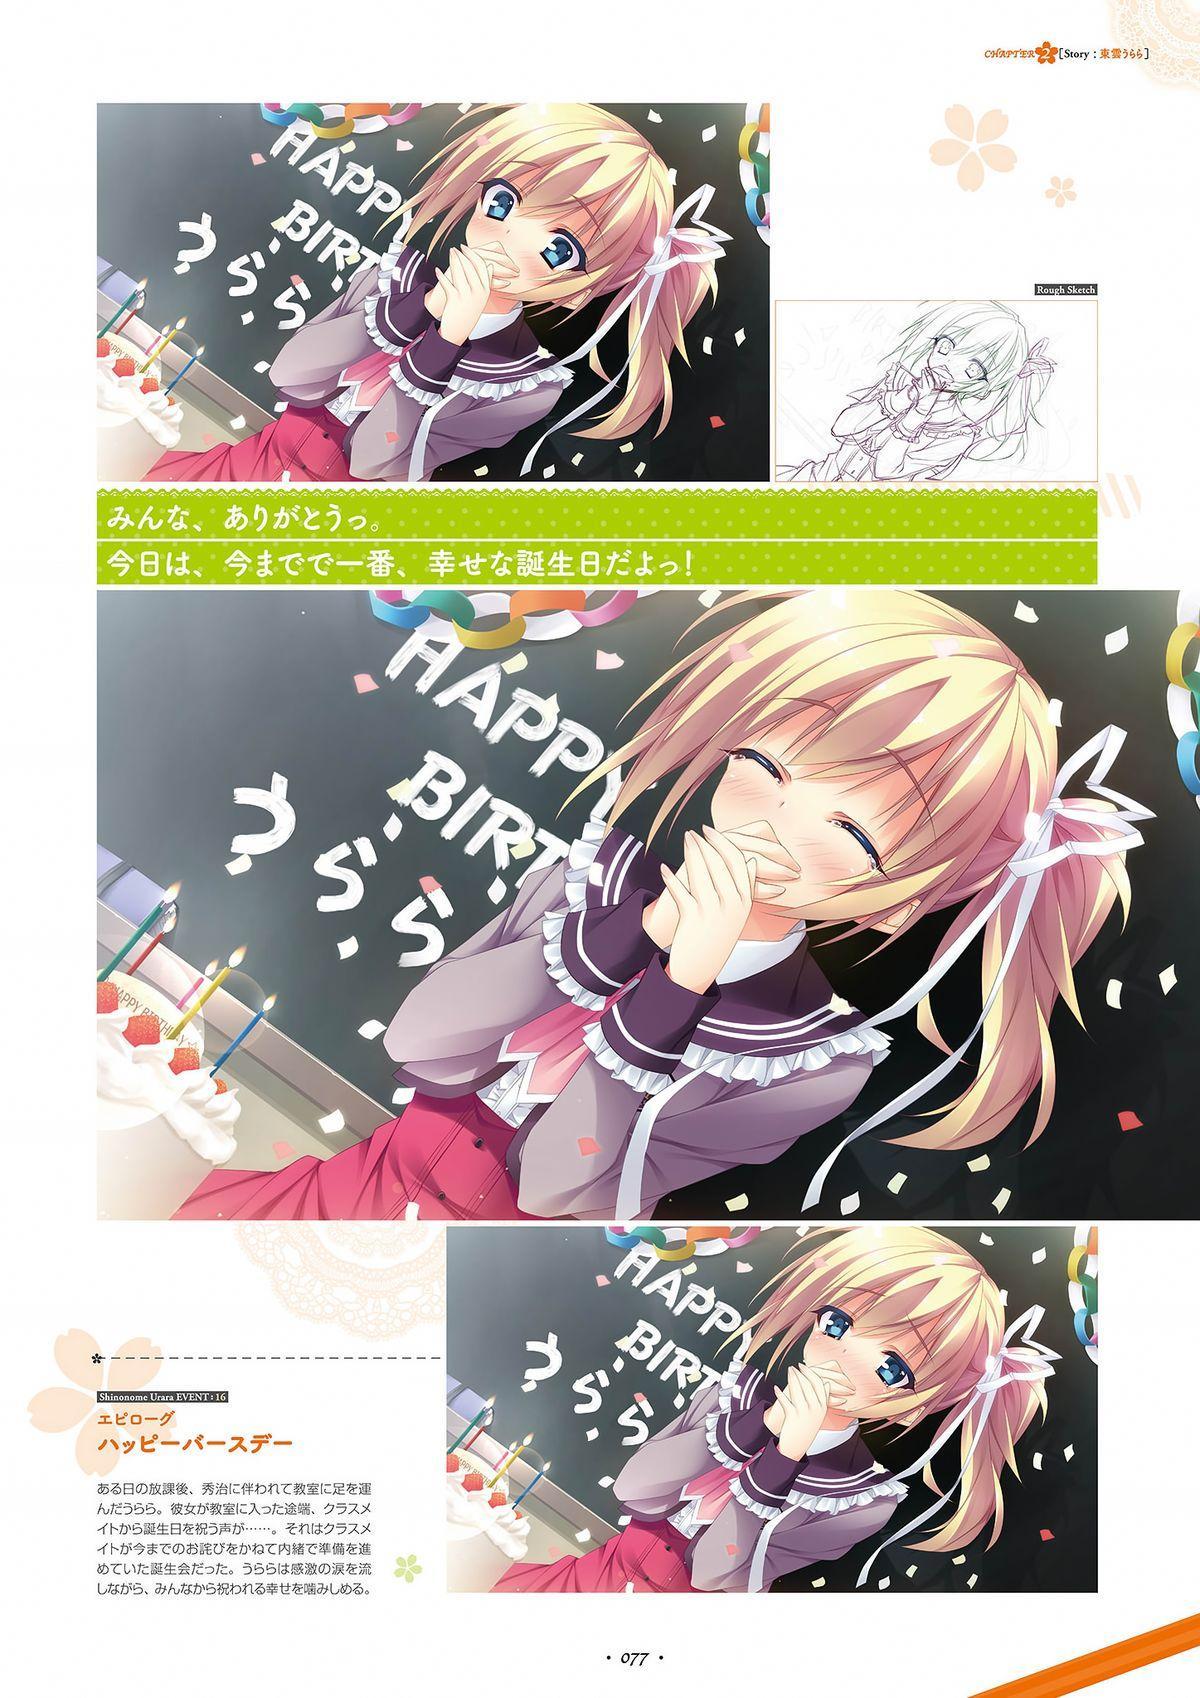 Shukufuku no Kane no Oto wa, Sakura-iro no Kaze to Tomo ni Visual Fanbook 71